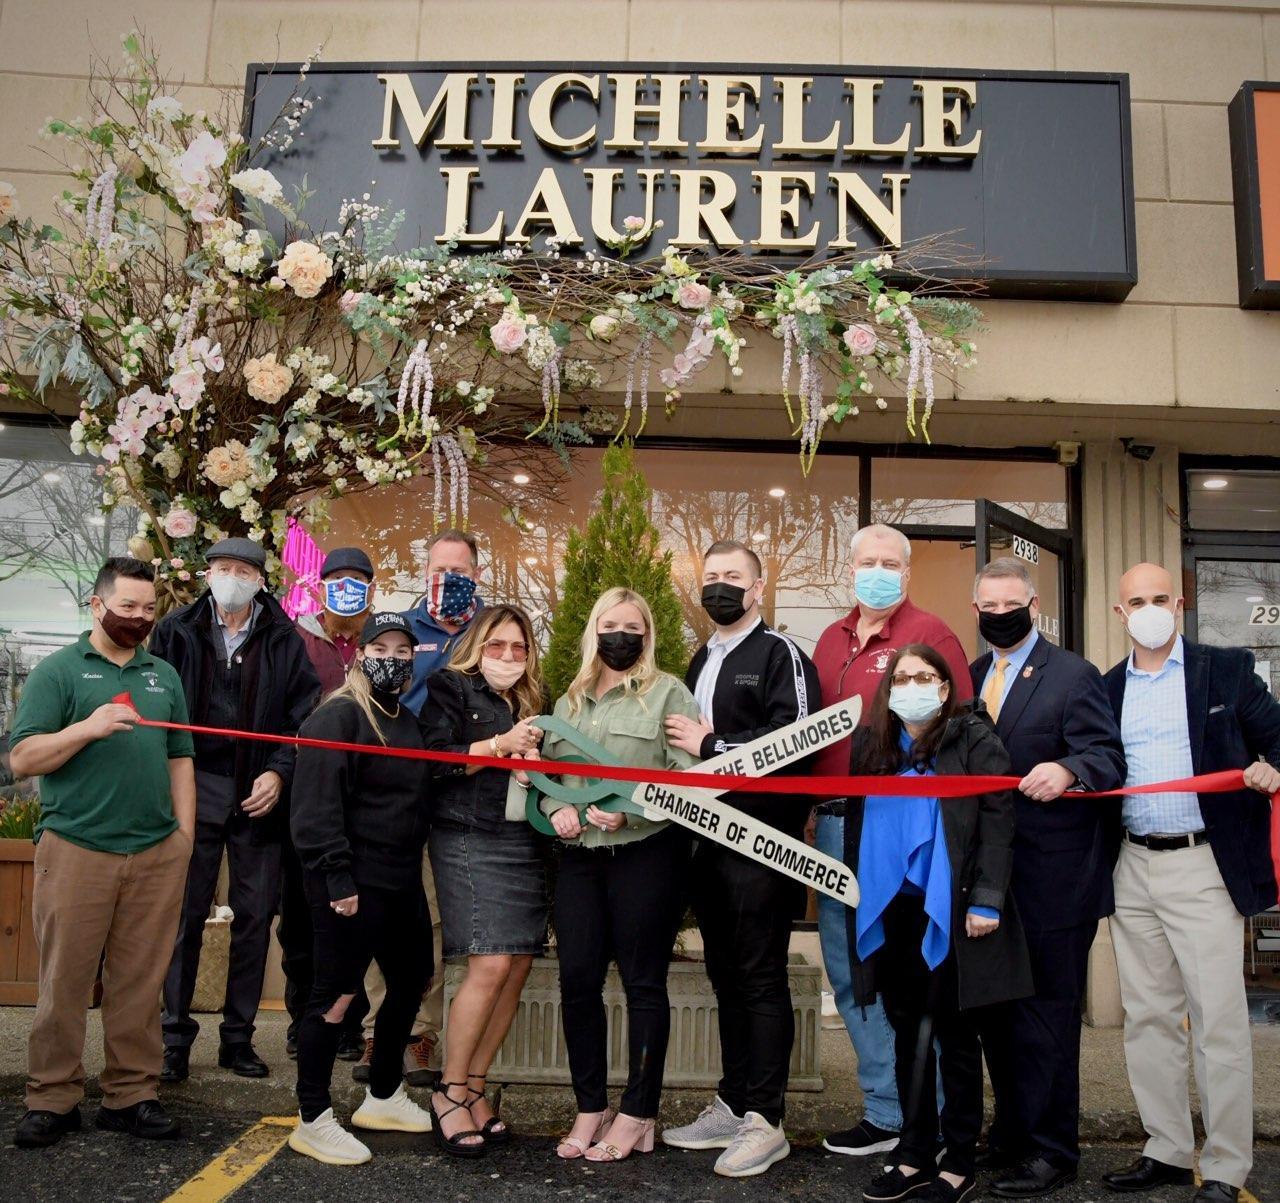 Michelle-Lauren-1.JPG